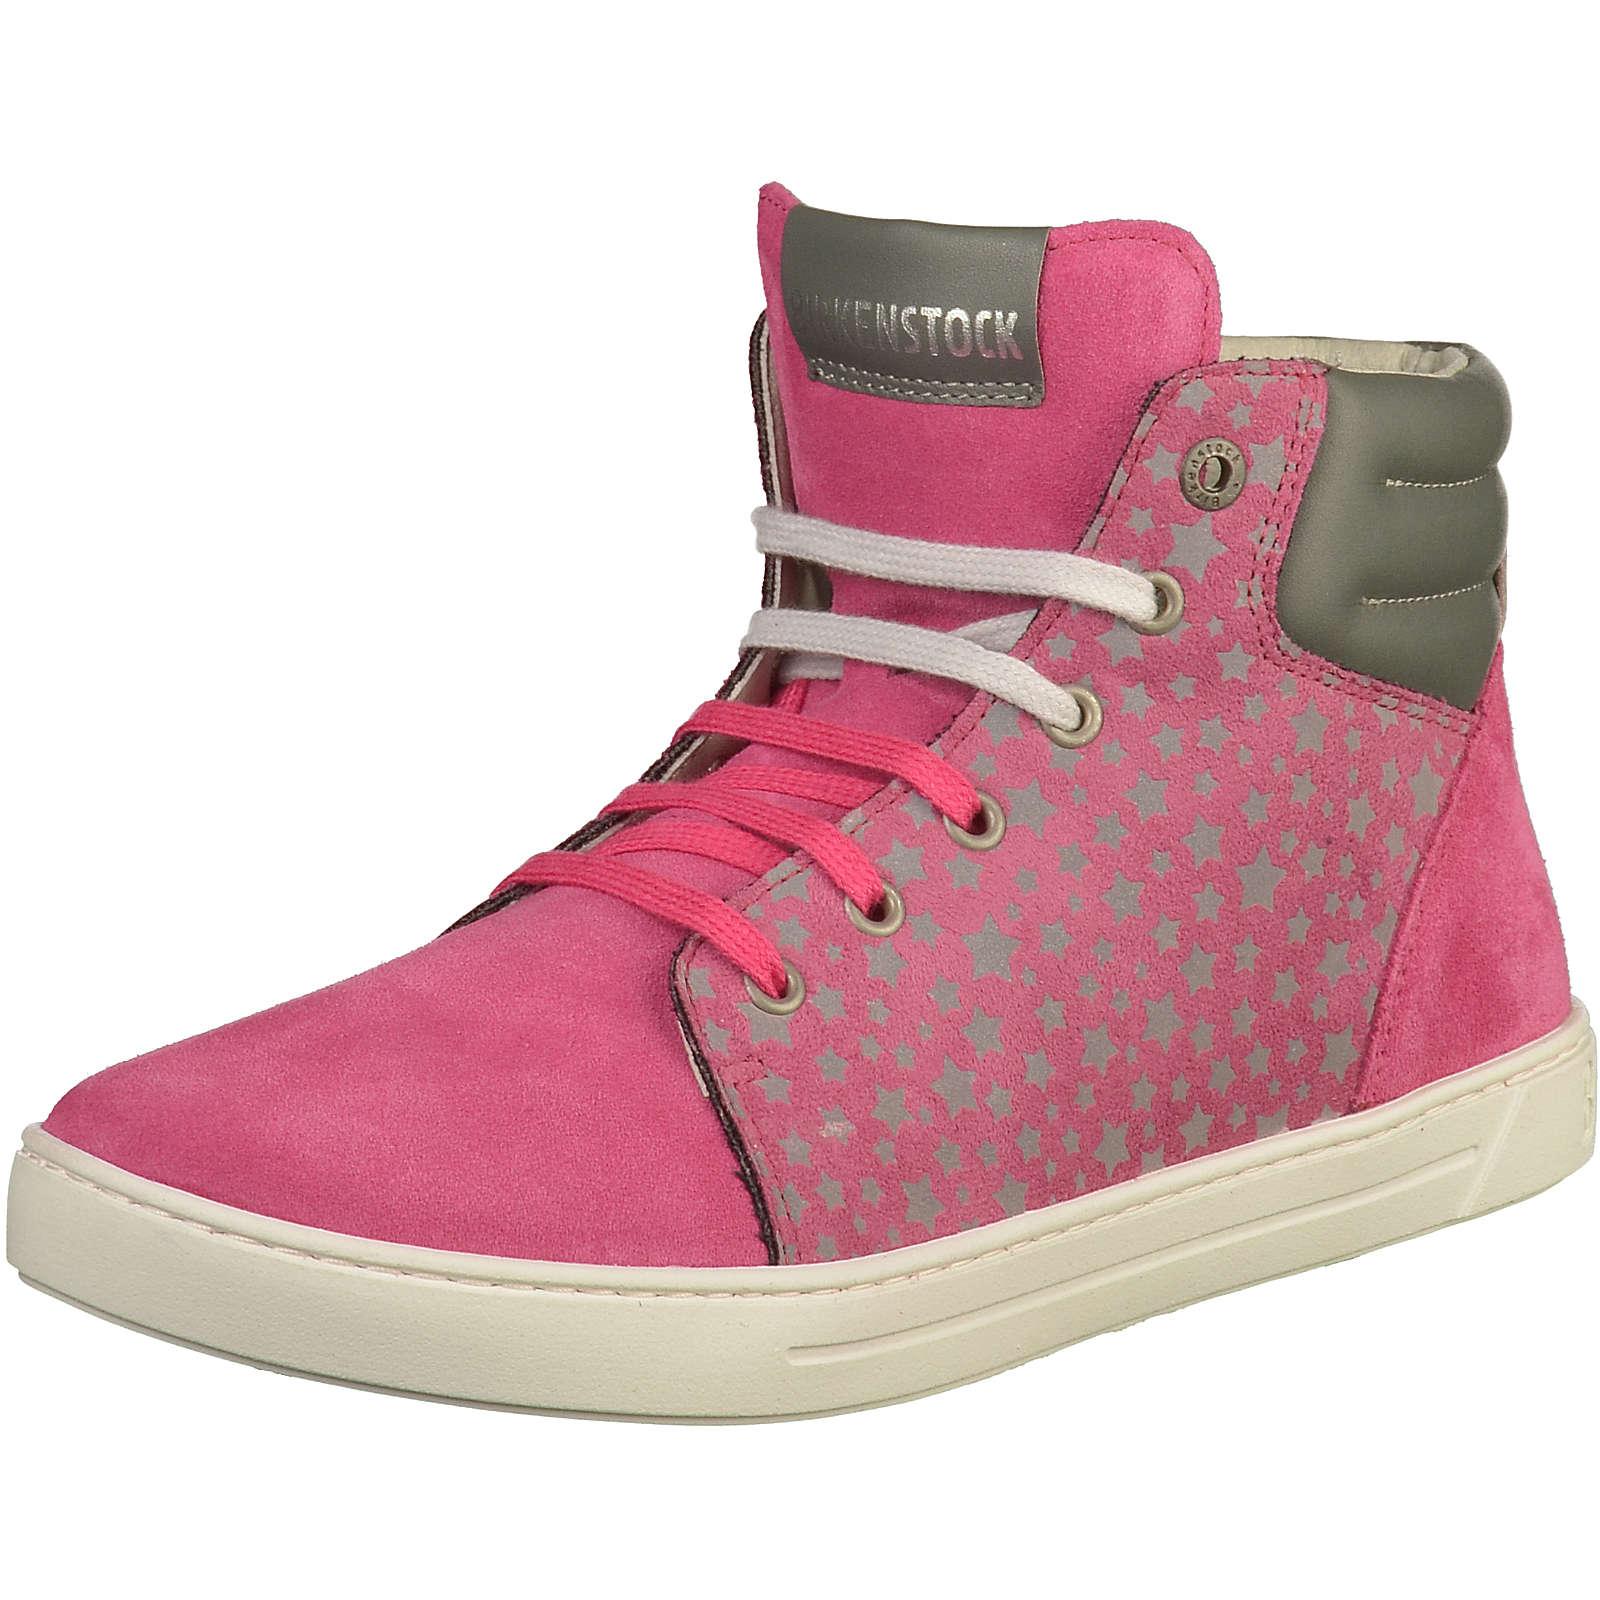 BIRKENSTOCK Sneakers Low für Mädchen fuchsia Mädchen Gr. 35